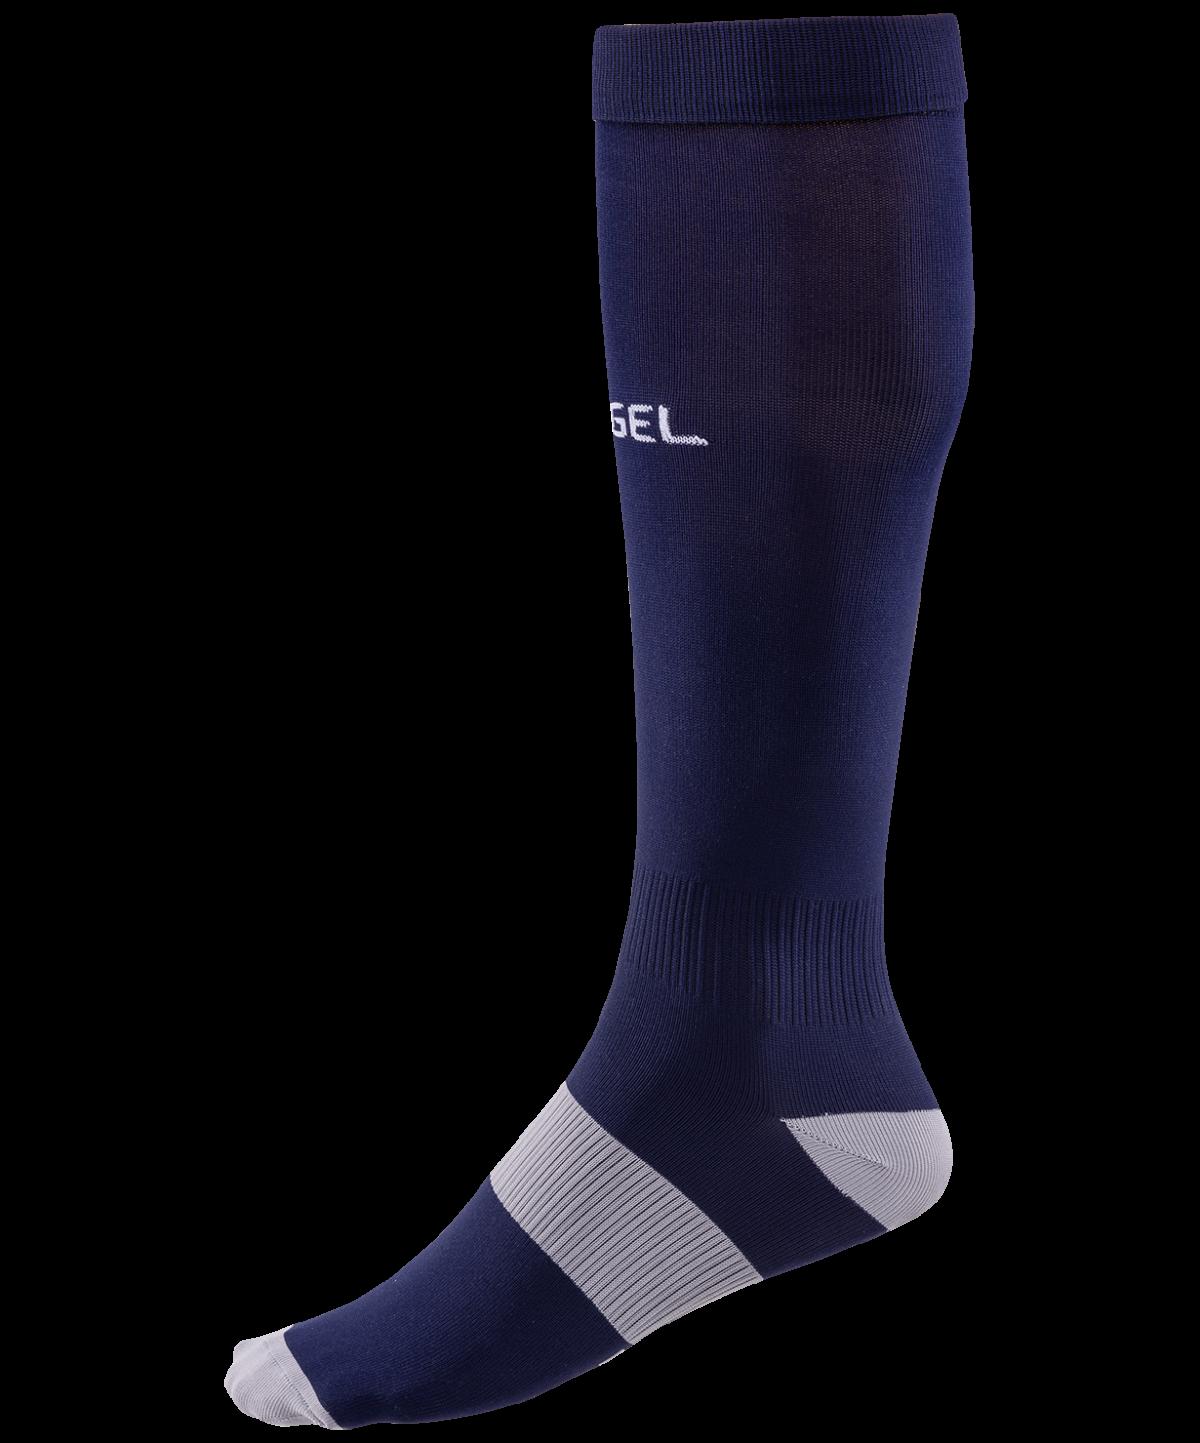 JOGEL Гетры футбольные, темно-синий/белый  JA-001 - 1